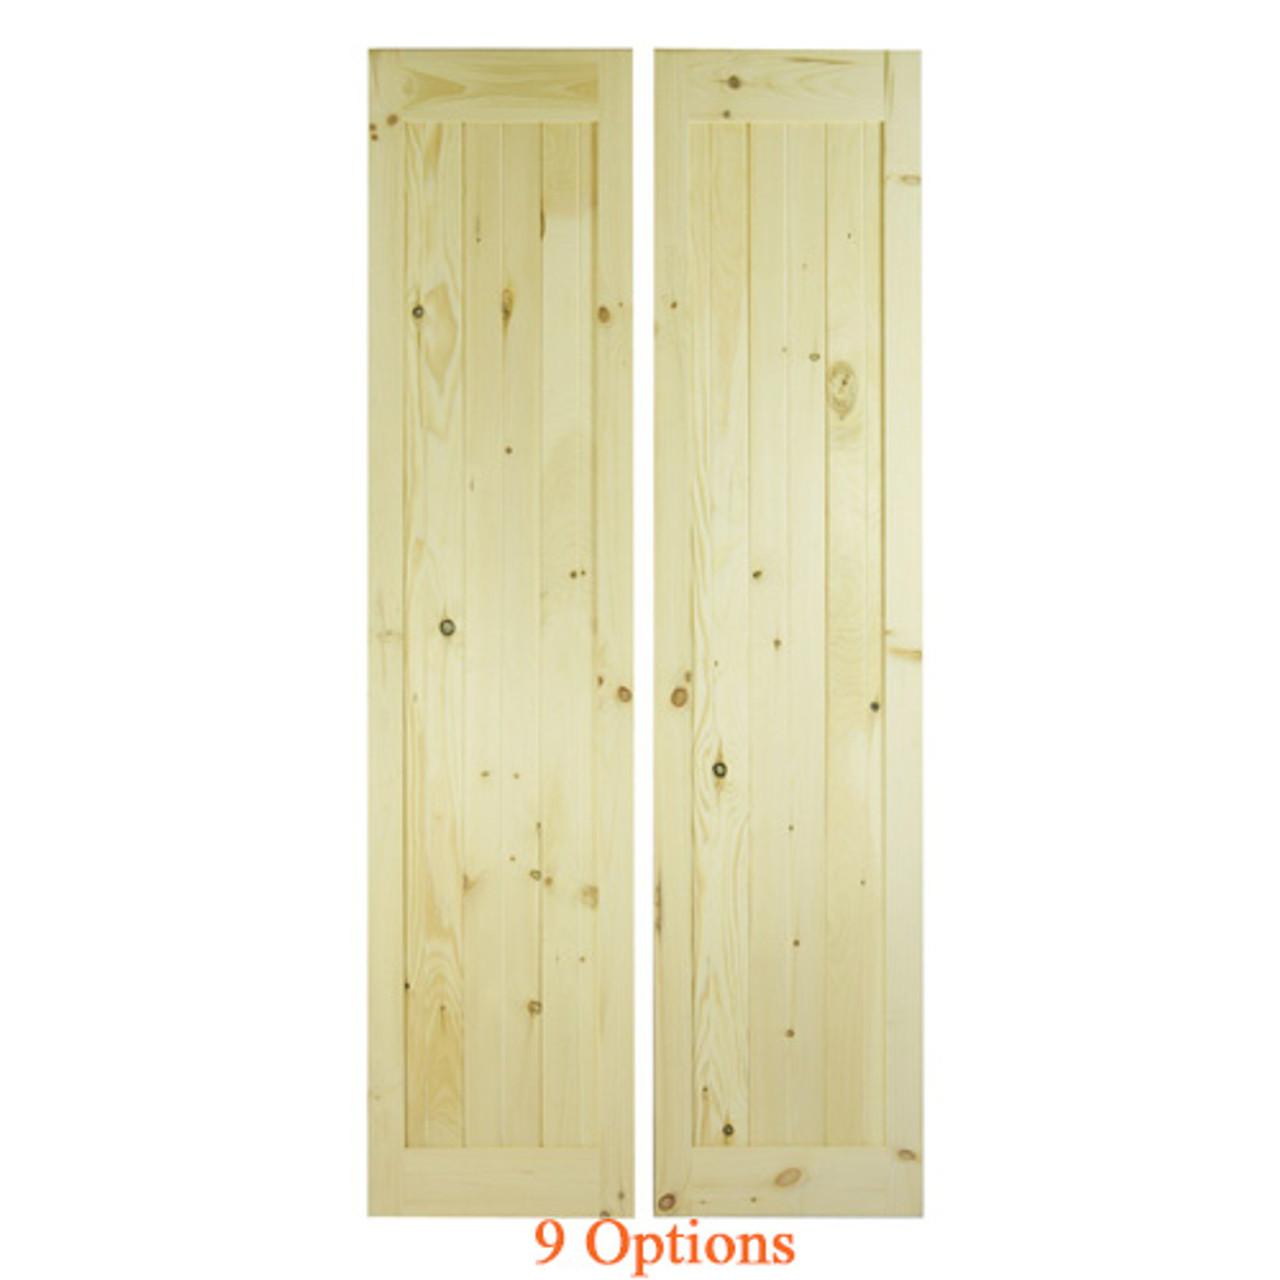 Interior Barn Doors Closet Barn Doors Double Barn Door Style